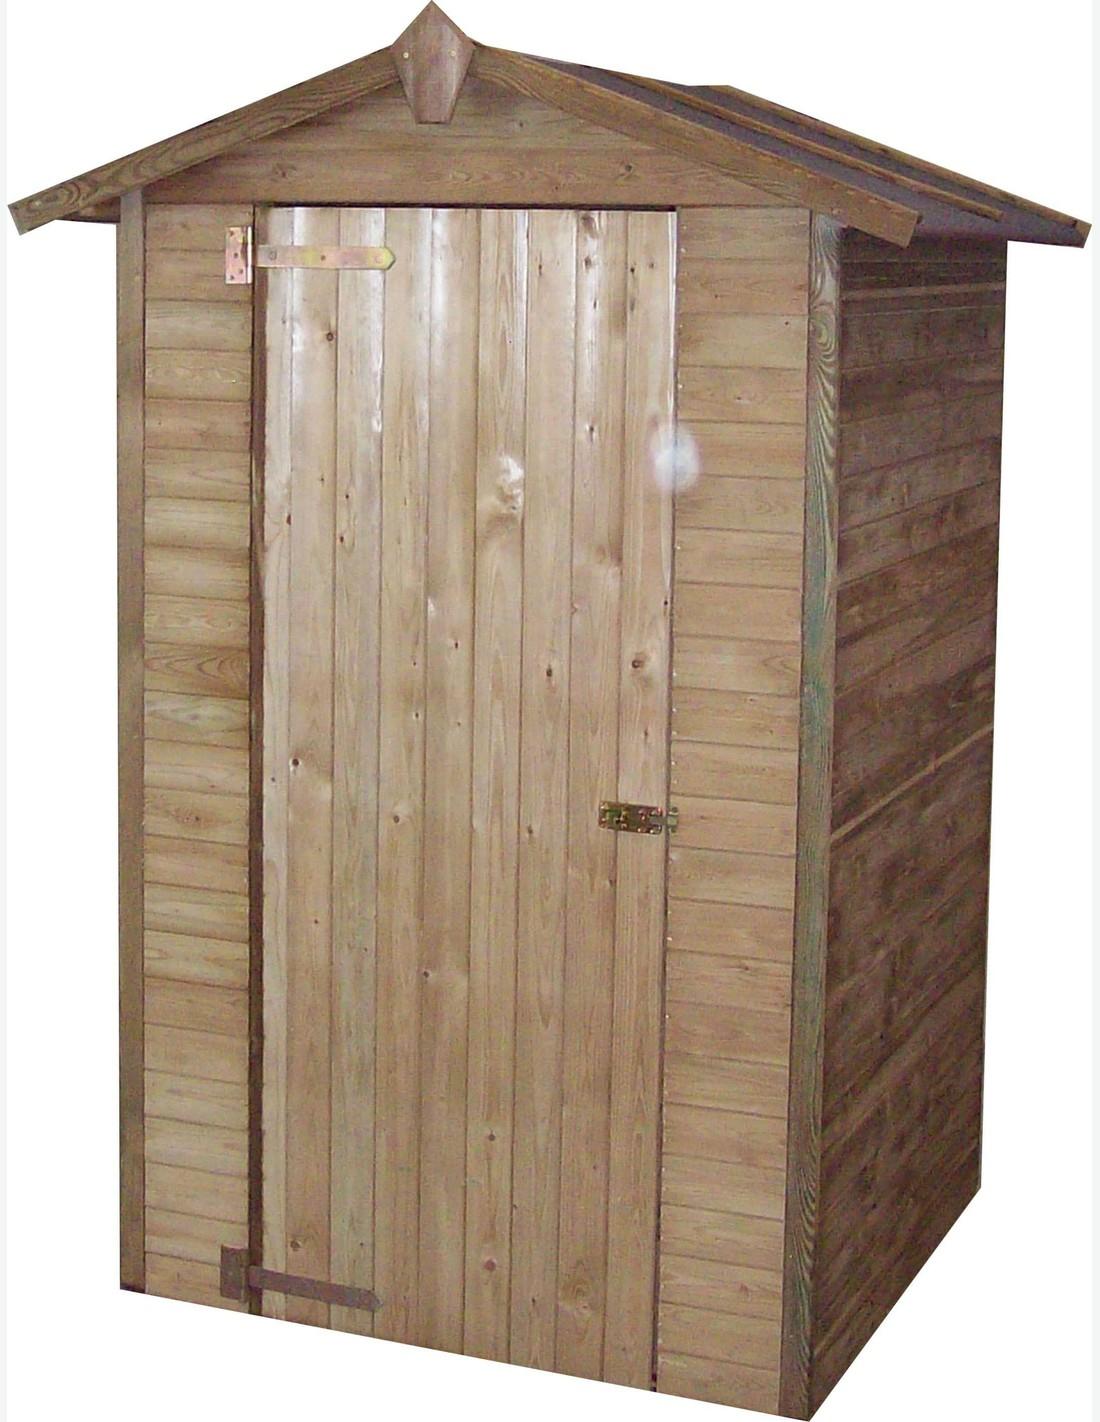 Ripostiglio casette in legno da giardino avantishop - Mobili per ripostiglio ...